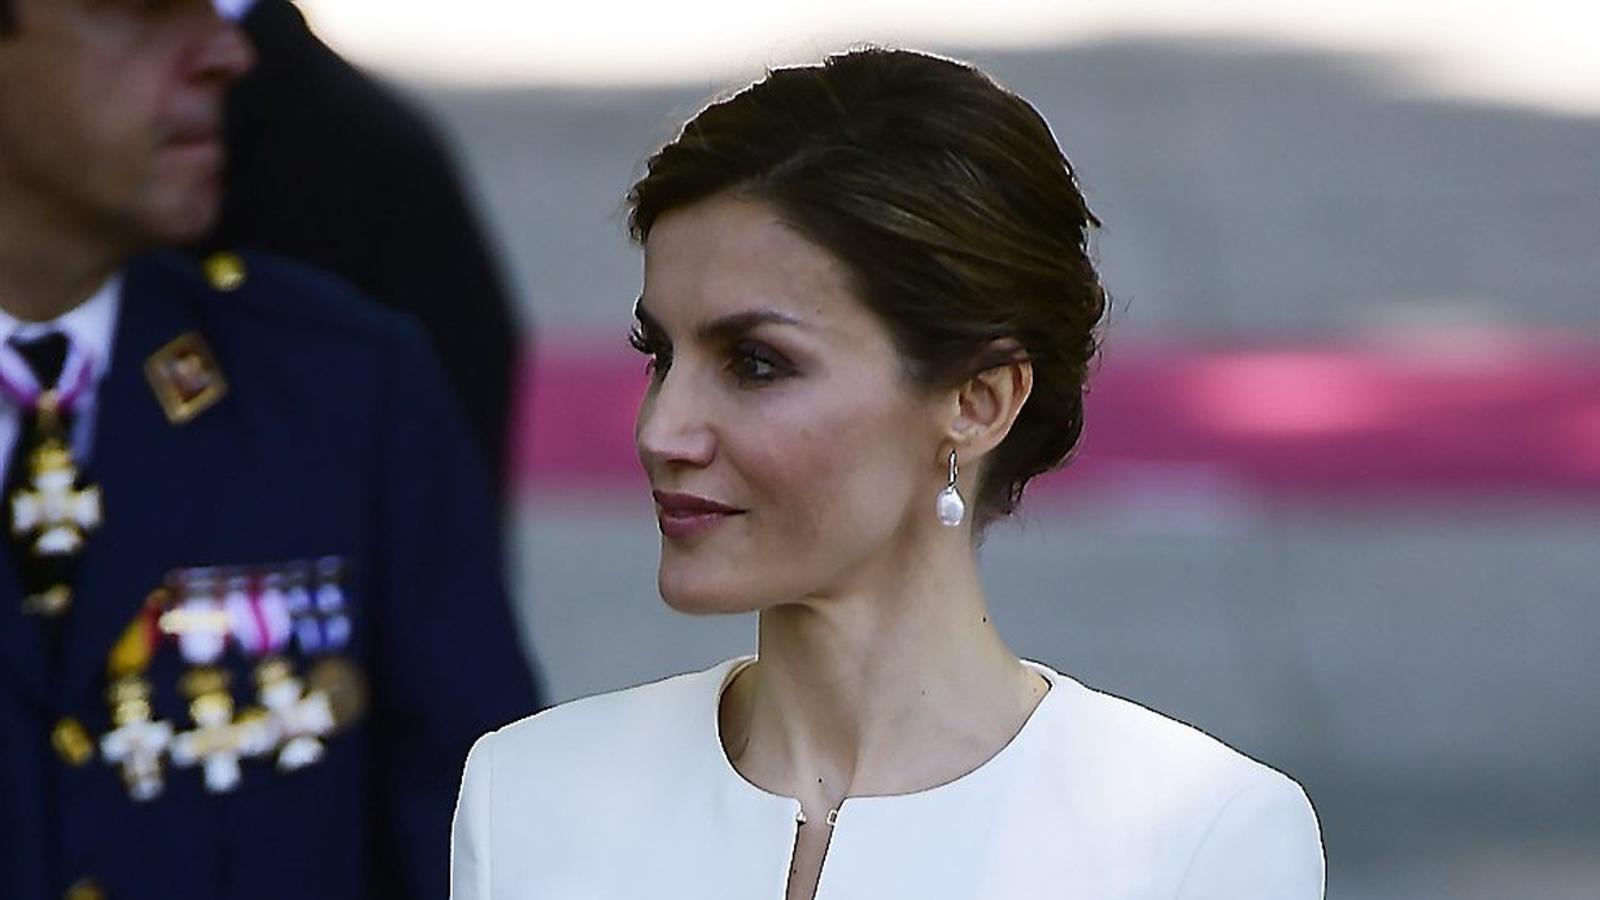 La reina Letícia serà ambaixadora de la FAO per a la nutrició